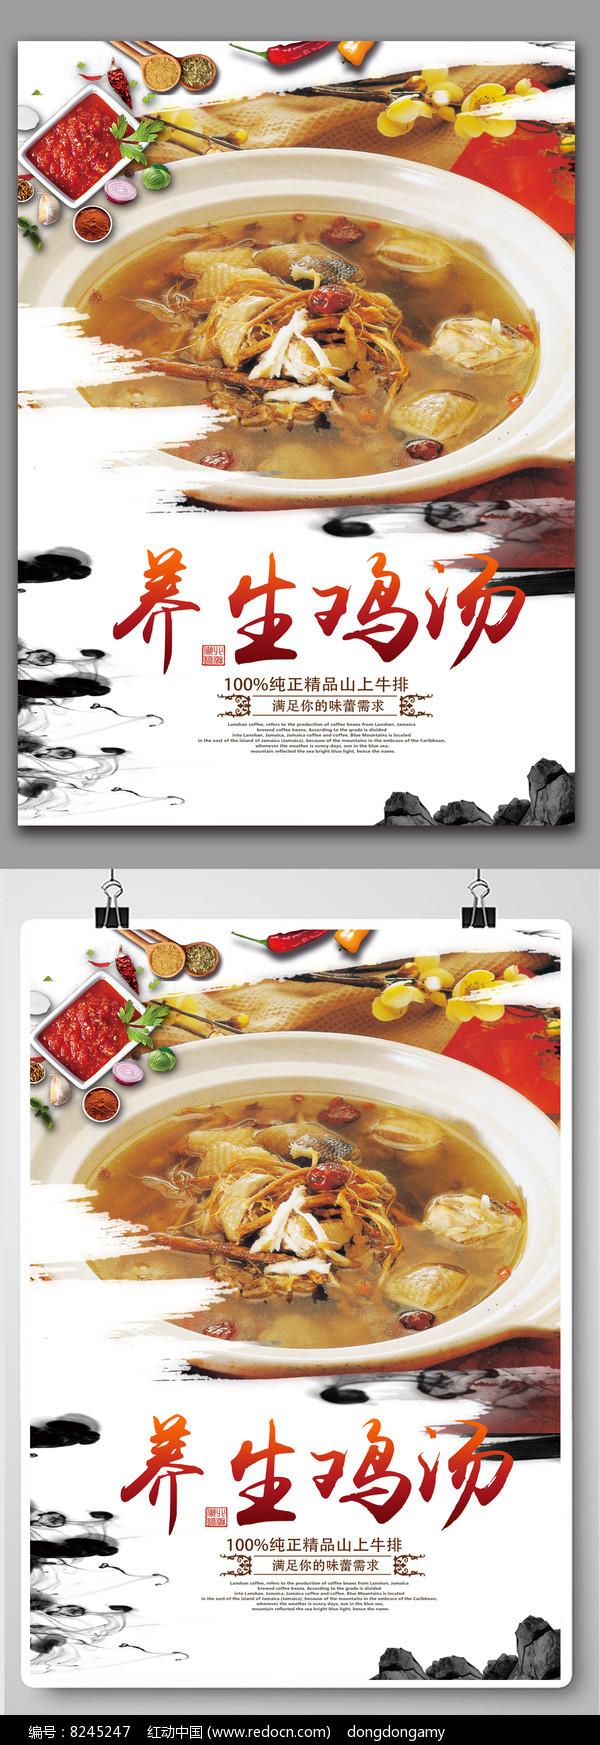 养生鸡汤美食海报设计图片